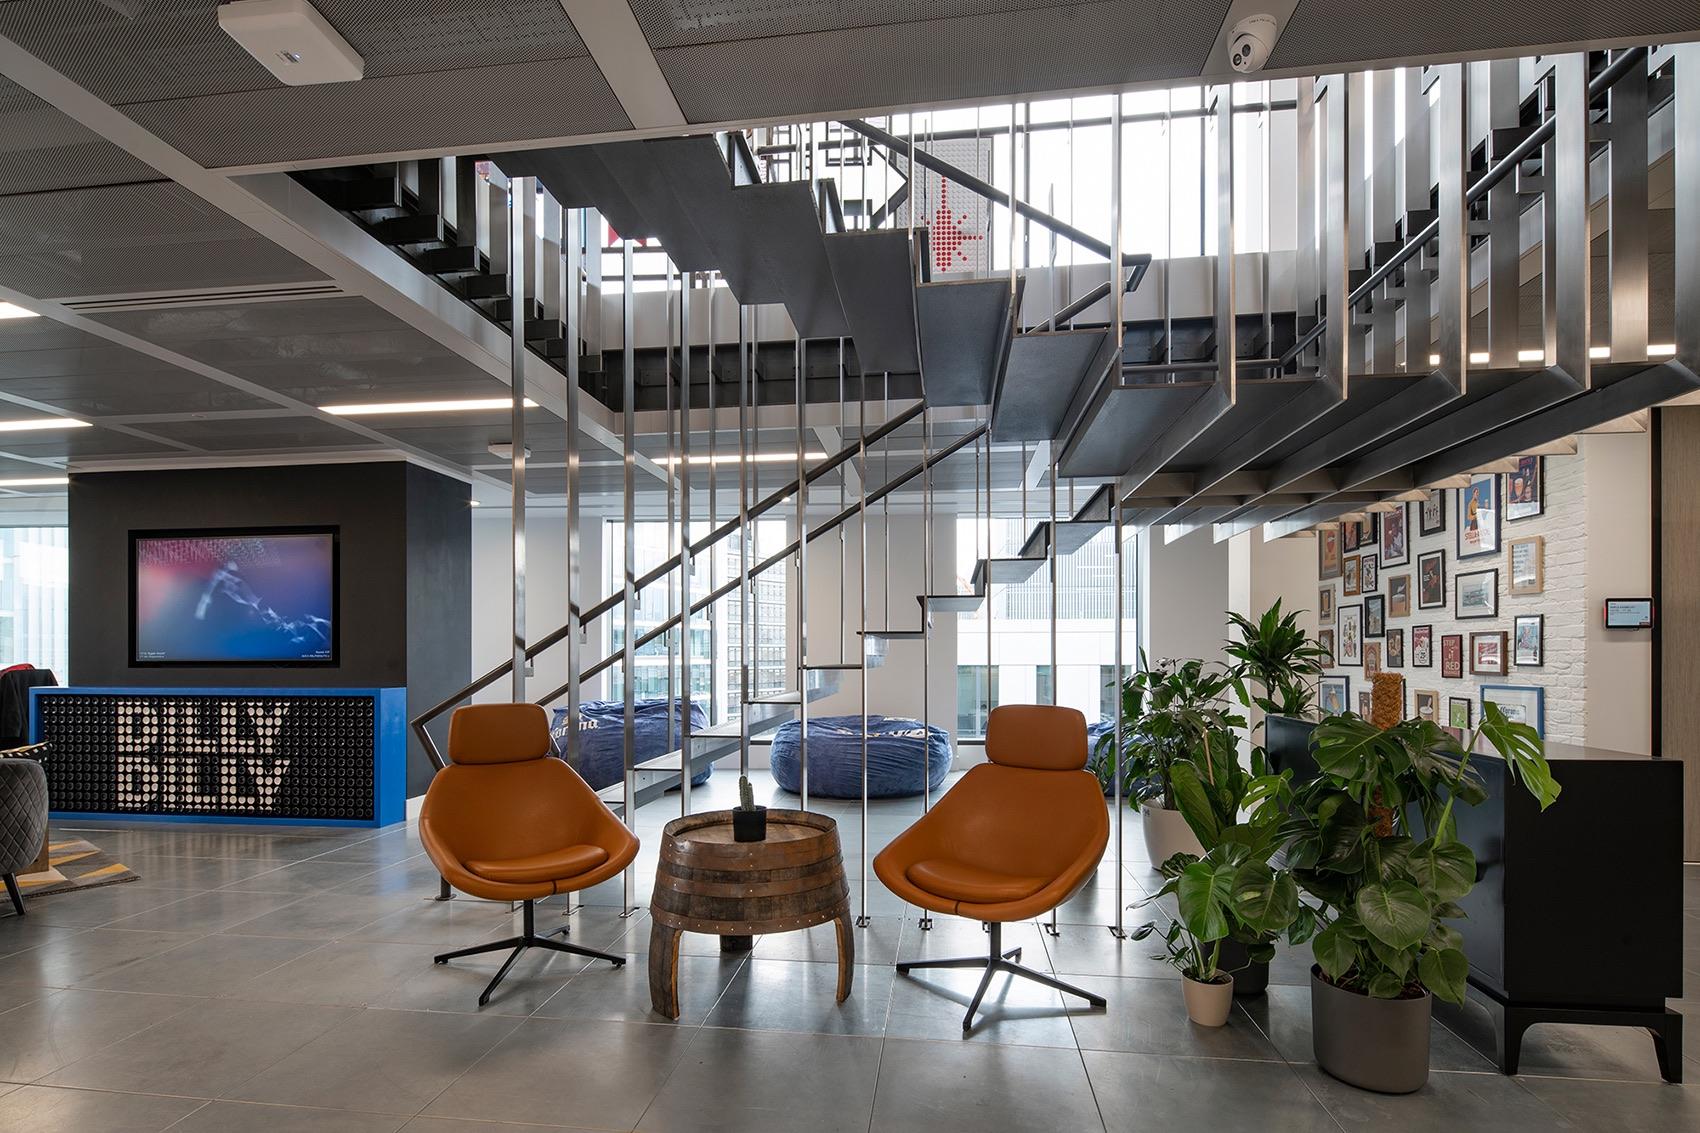 budweiser-group-office-3